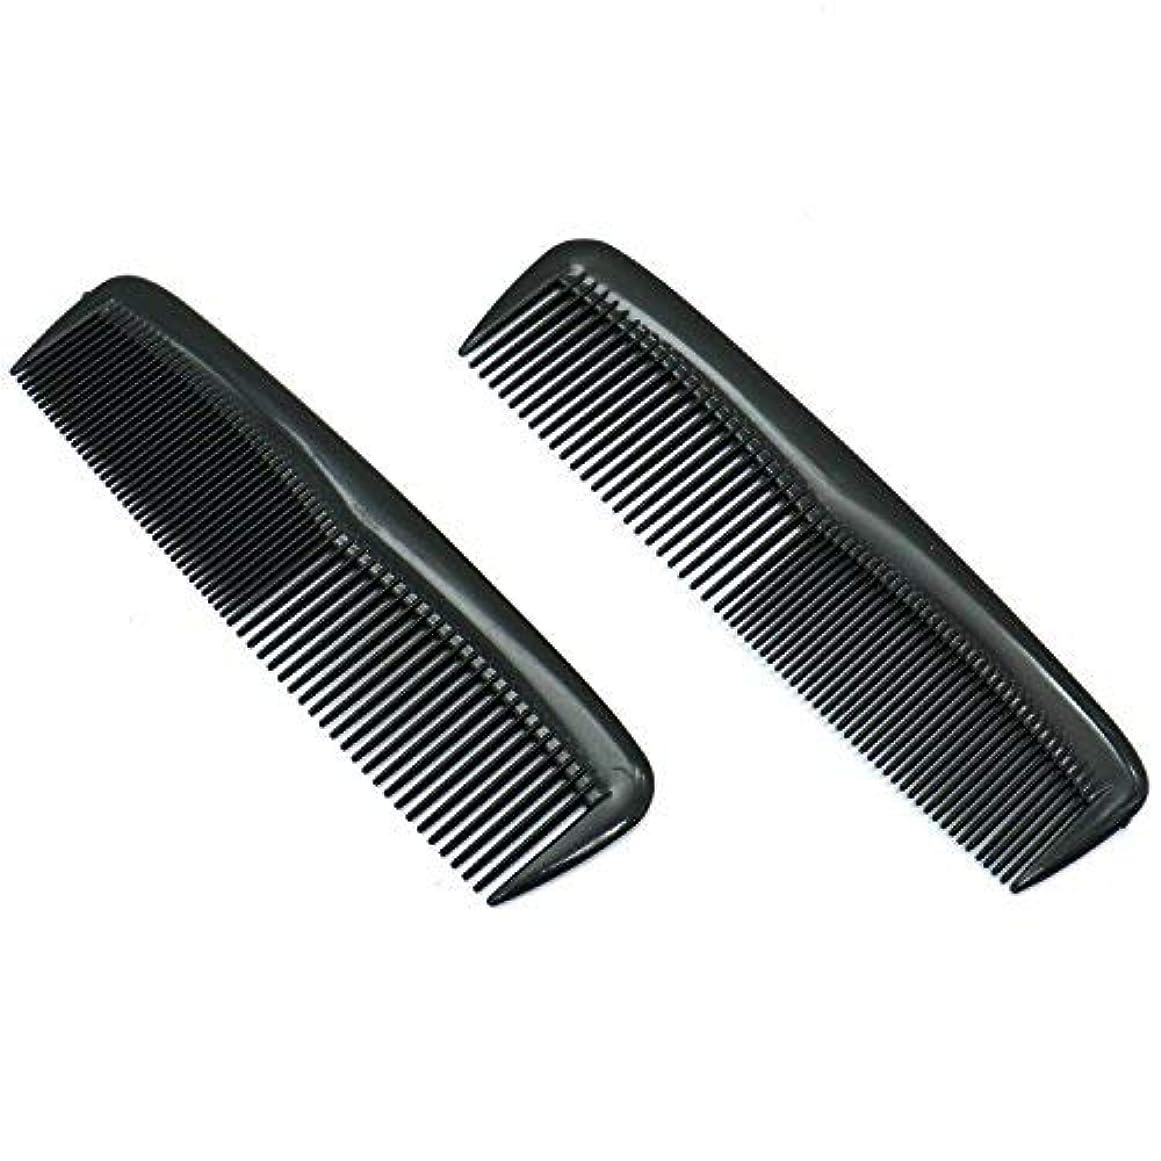 祝福気性にやにやBuorsa Pack of 12 Quality Pocket Hair Comb Beard & Mustache Combs for Men's Hair Beard Mustache and Sideburns,...